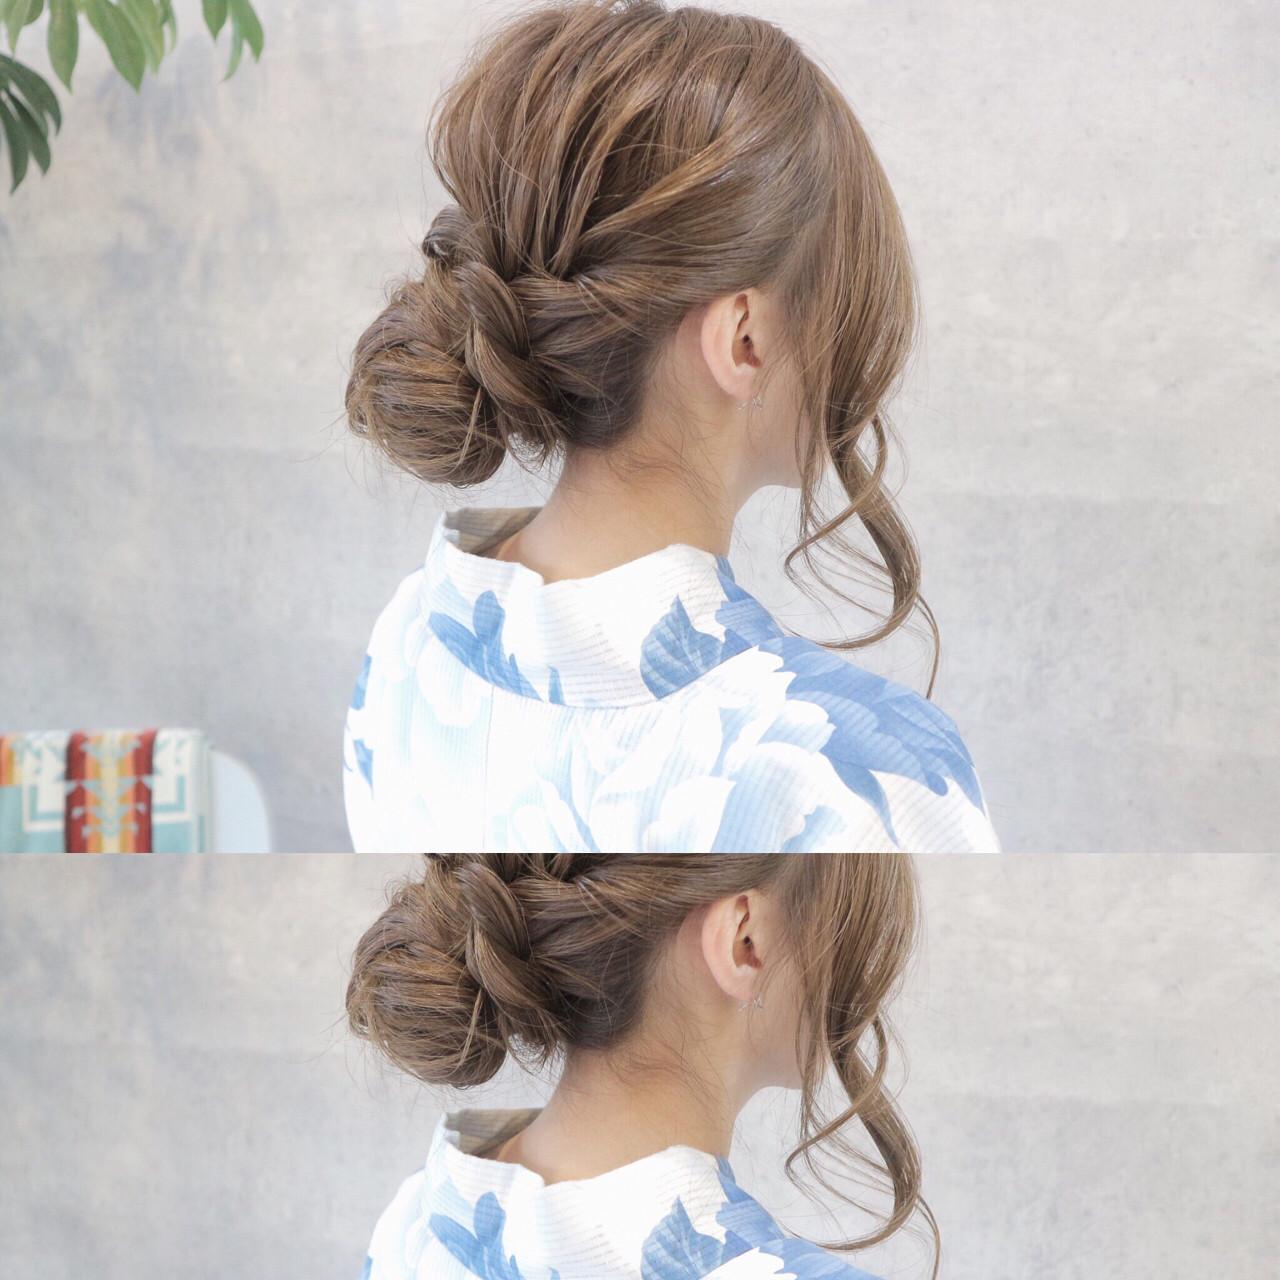 お祭り 花火大会 ロング 色気 ヘアスタイルや髪型の写真・画像 | 桑村亮太/CALIF hair store / 函館/CALIF hair store/キャリフ ヘアストア